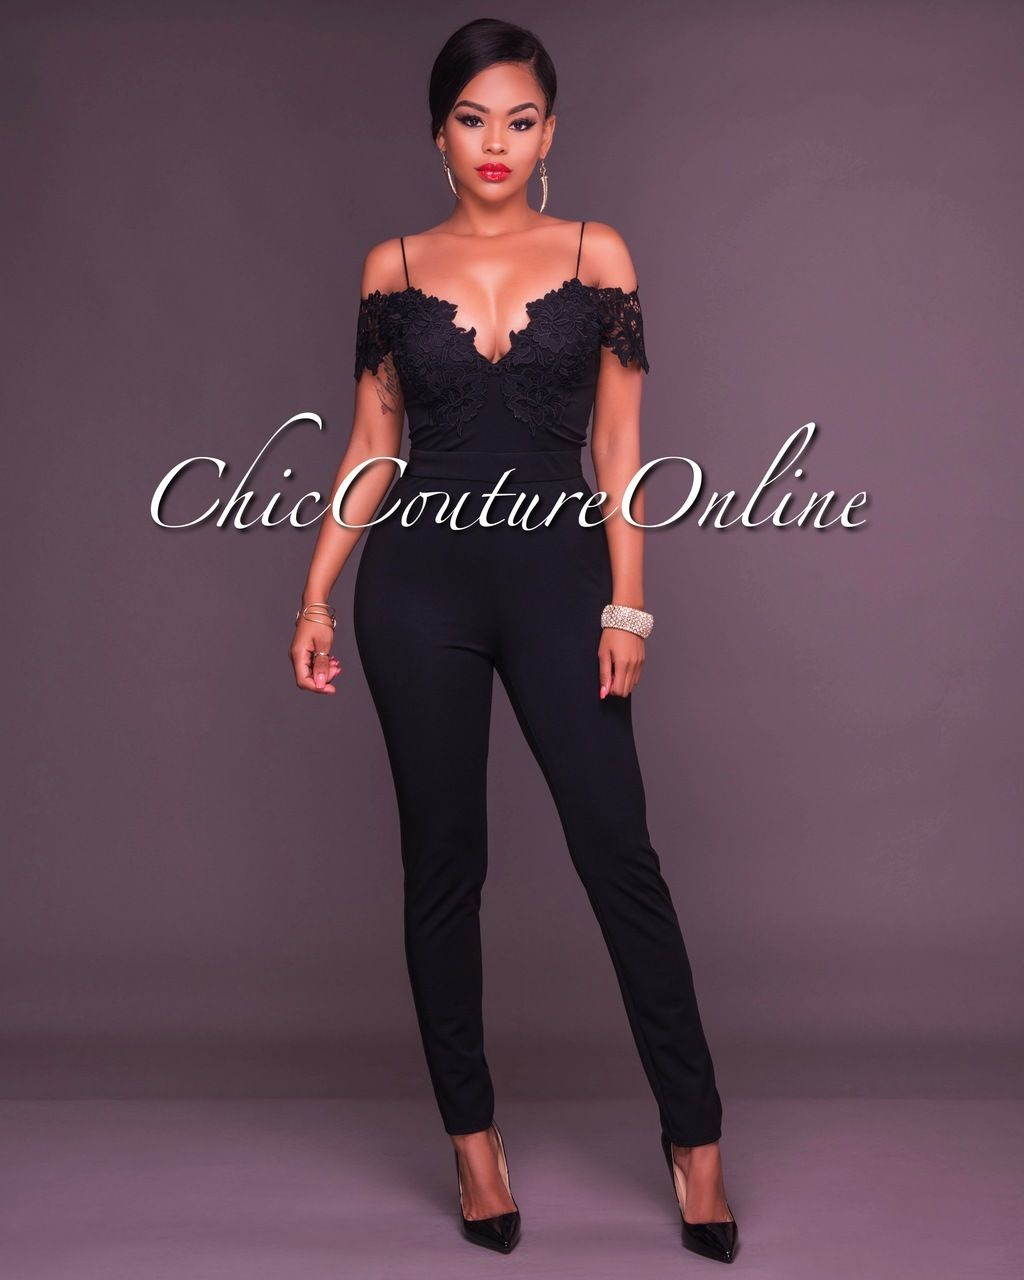 93bde12978d5 Chic Couture Online - Emrata Black Lace Off The Shoulder Jumpsuit